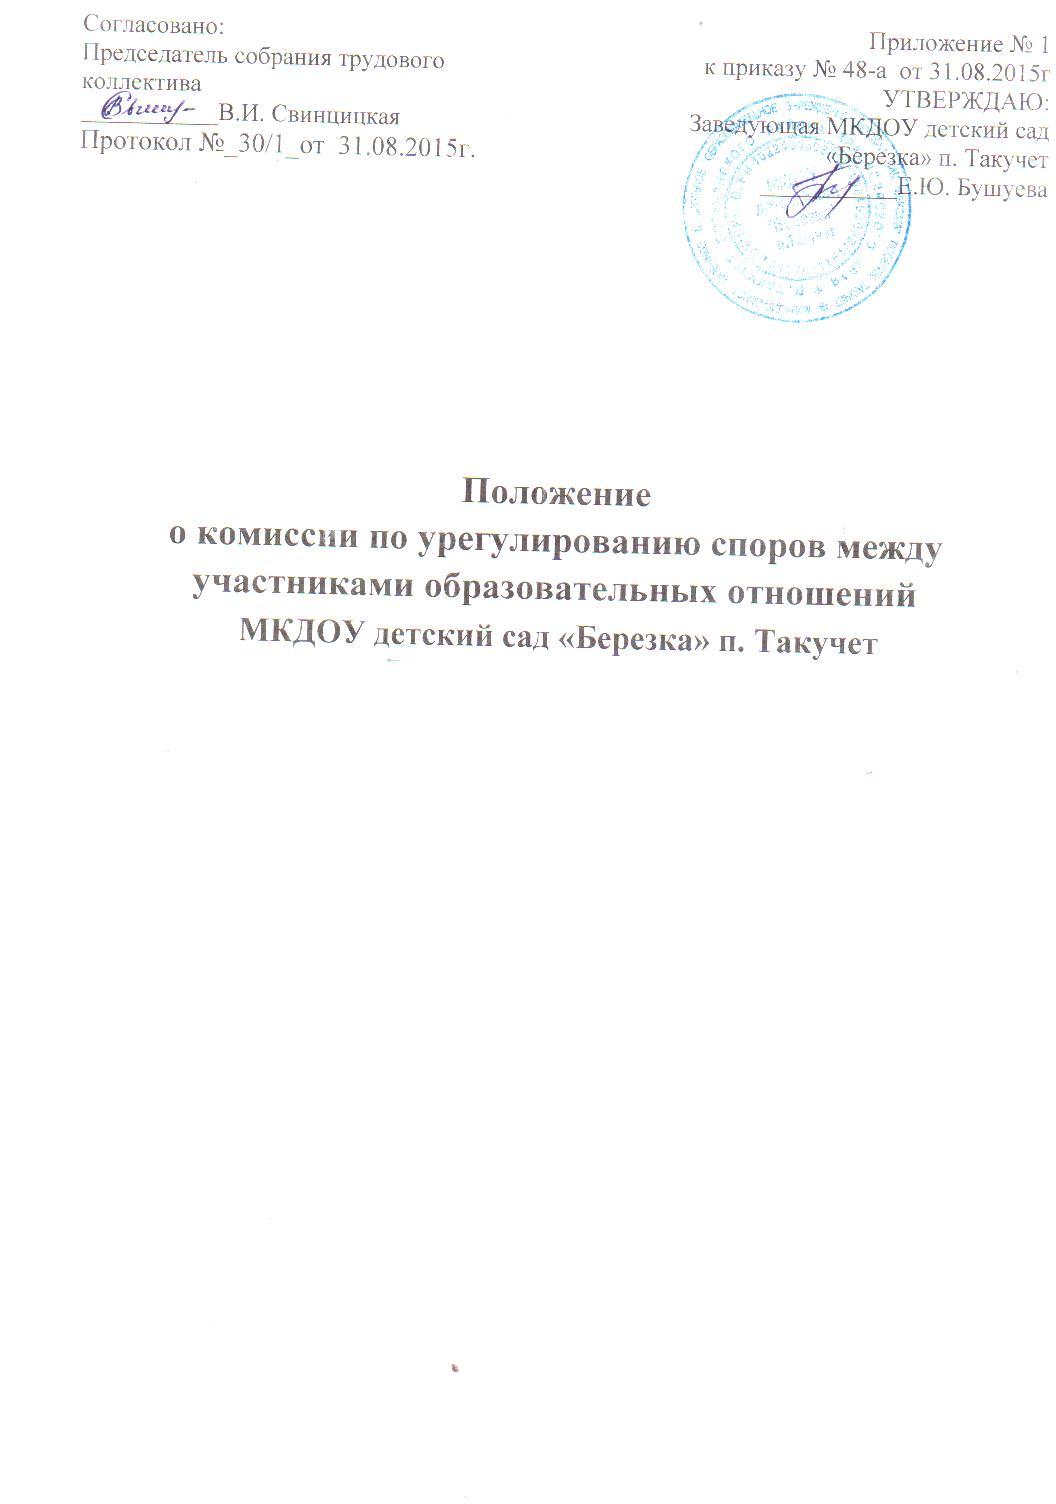 Положение о комиссии по урег тит